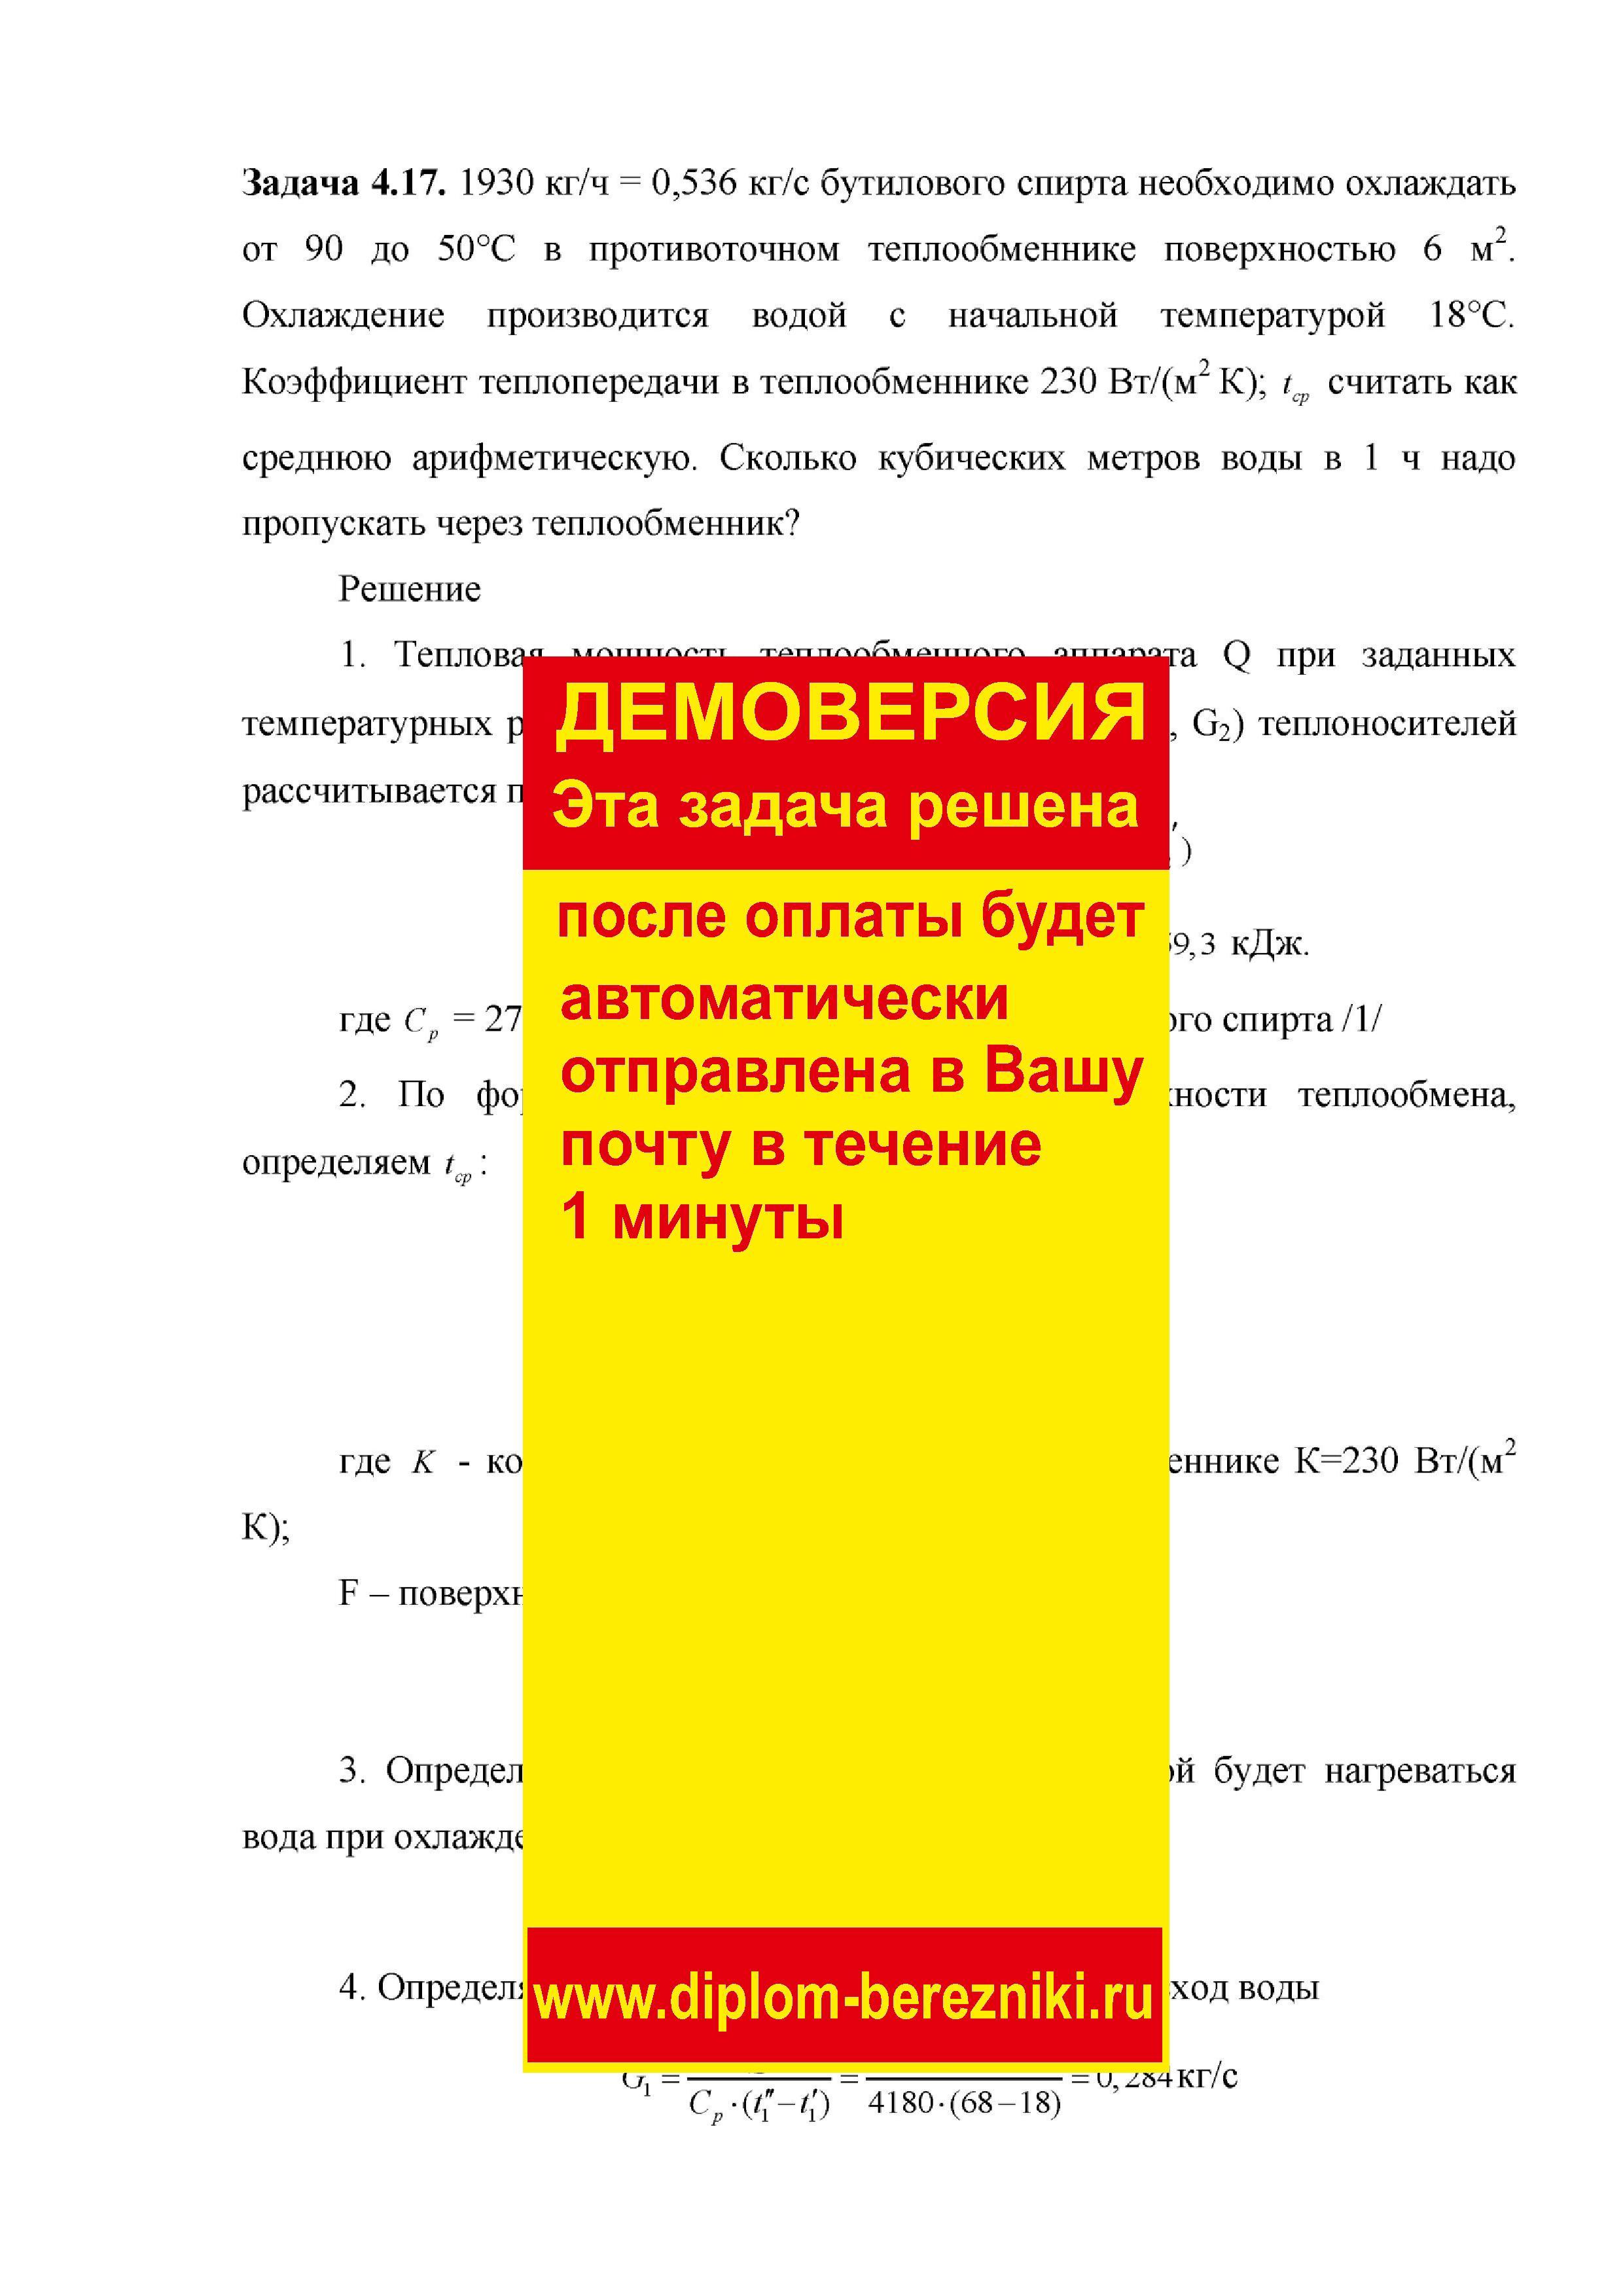 Решение задачи 4.17 по ПАХТ из задачника Павлова Романкова Носкова